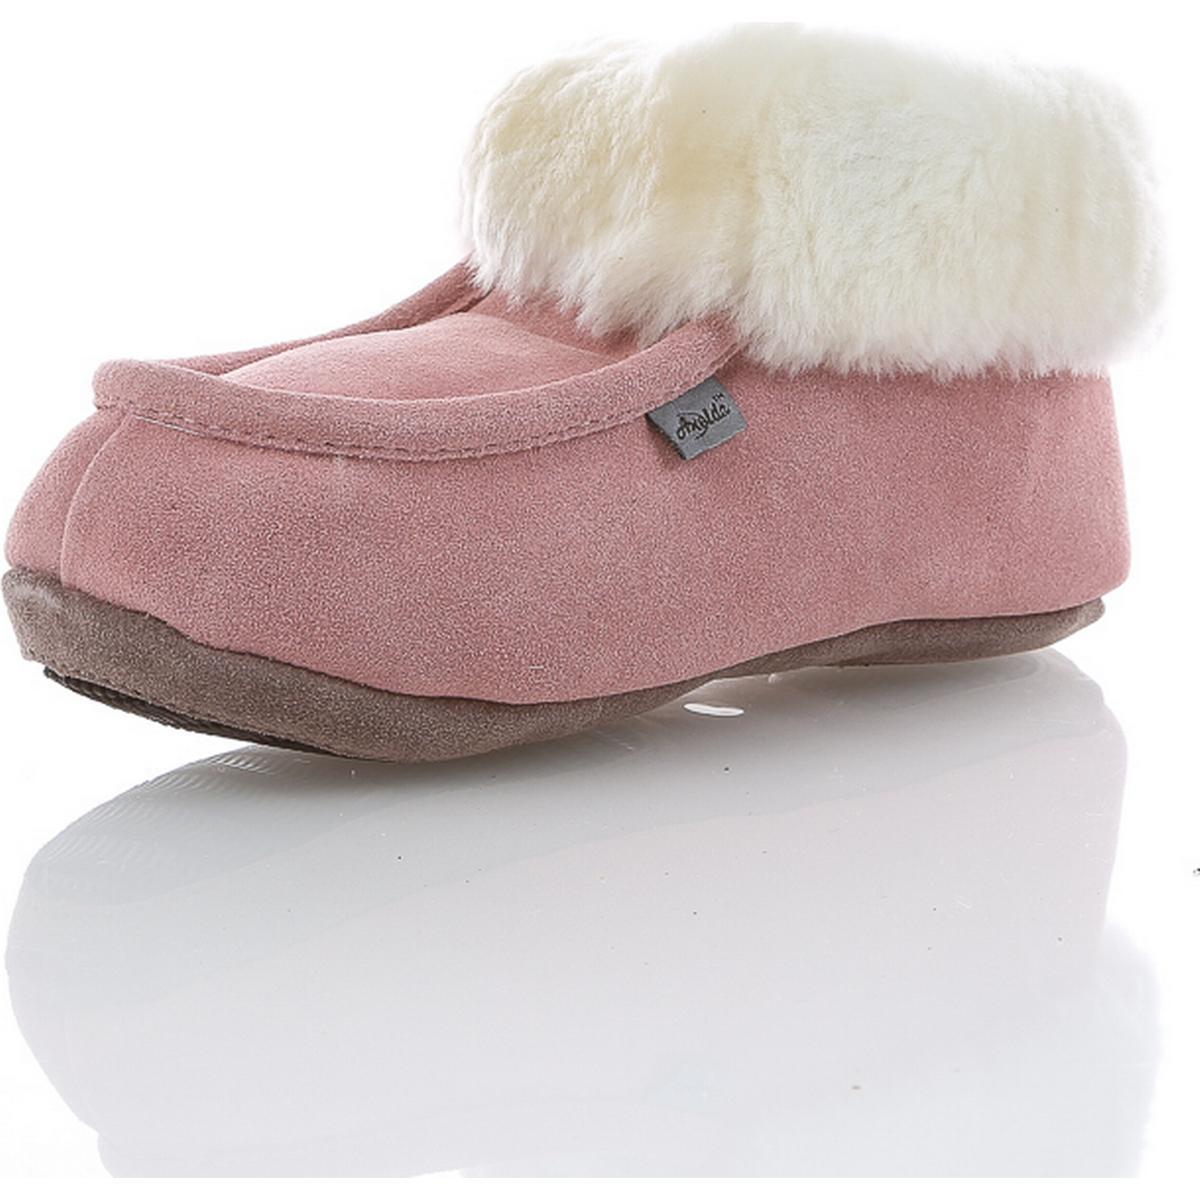 27010c76c77 Axelda Tofflor - Jämför priser på slippers PriceRunner